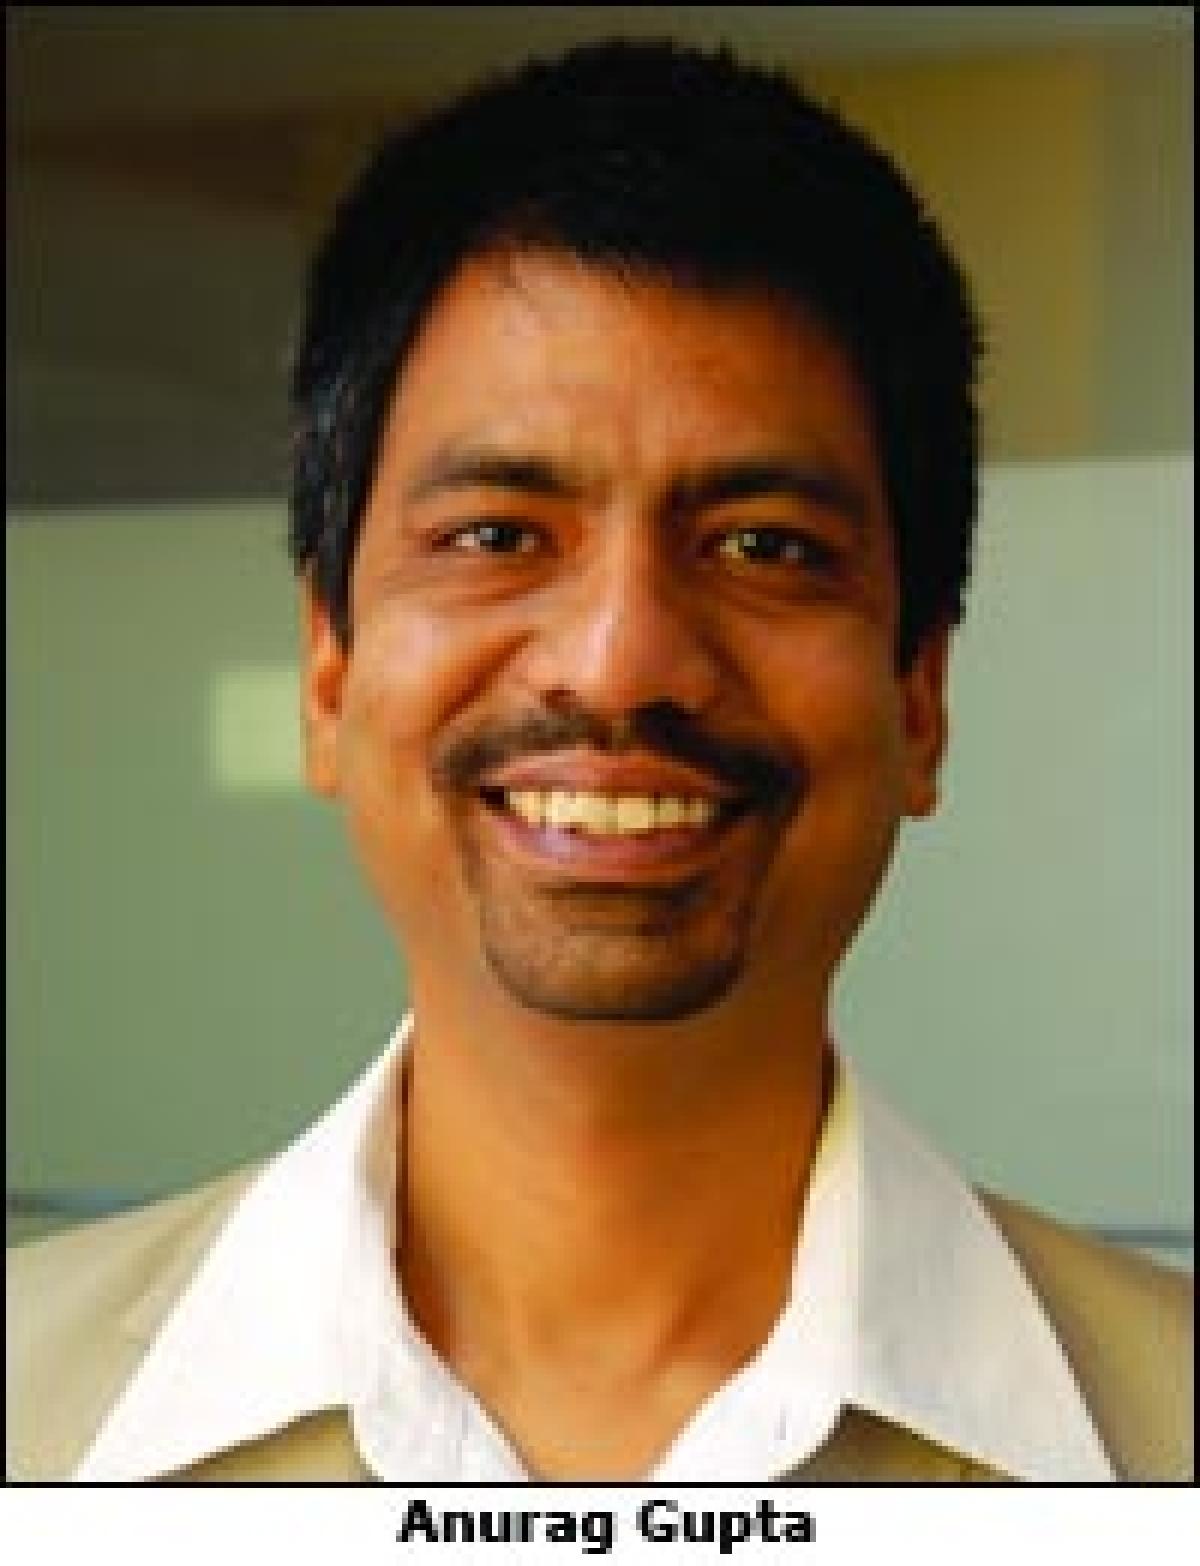 Anurag Gupta set to join WPP